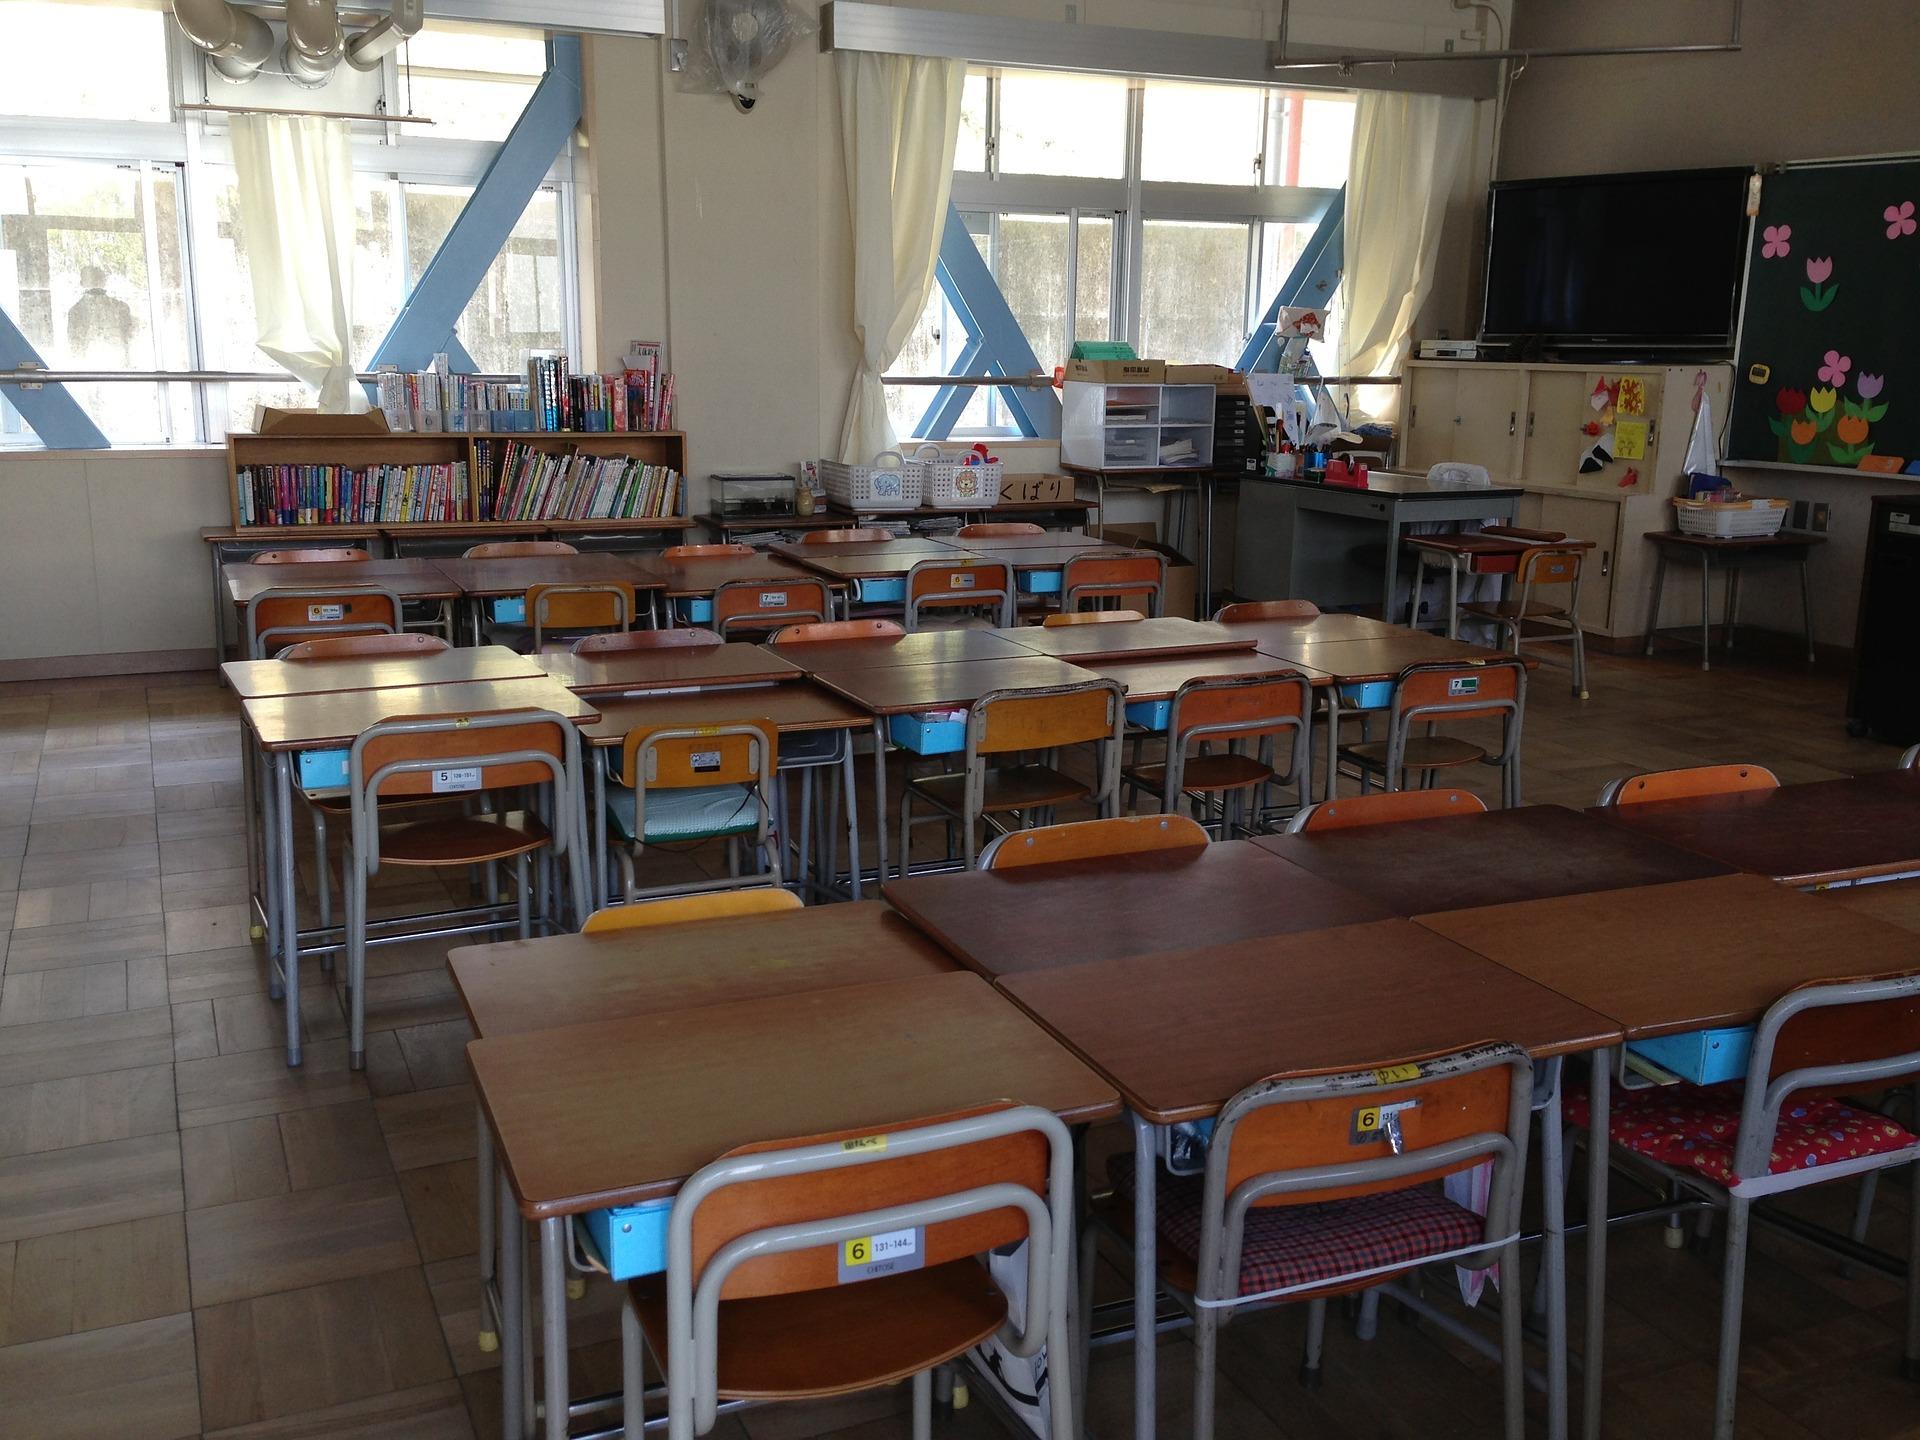 На территории школы в городе Осака для обеспечения безопасности детей было решено установить полицейскую будку